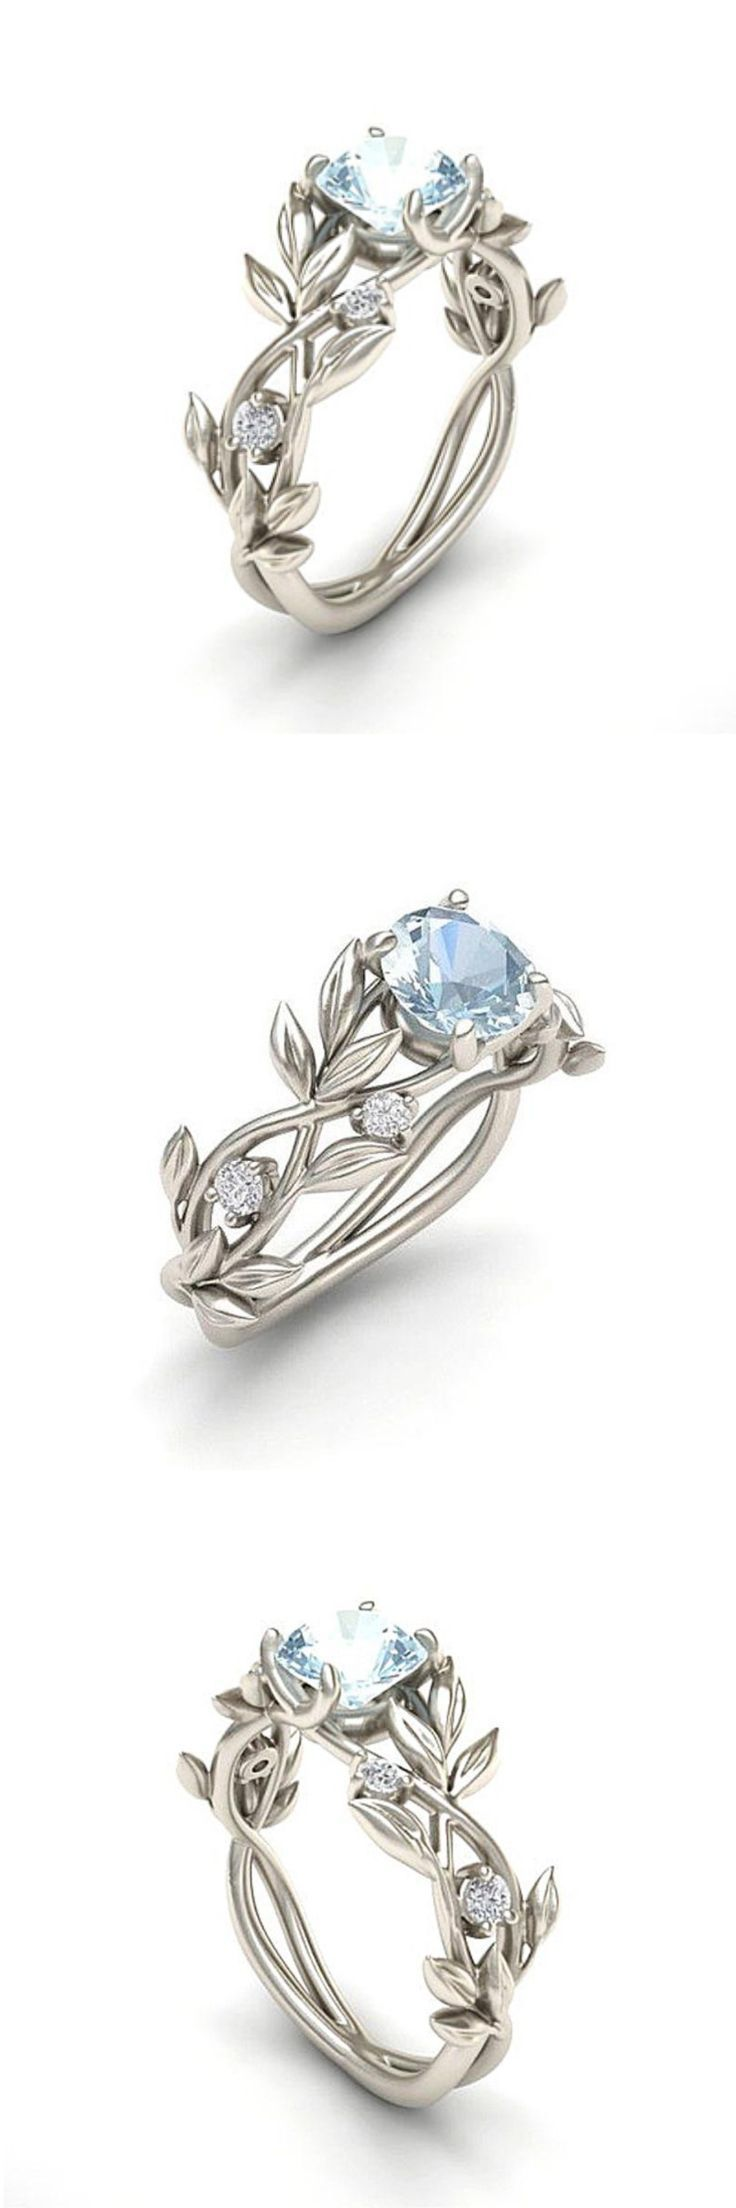 Vine Leaf Crystal Flower Vintage Ring Wedding Rings